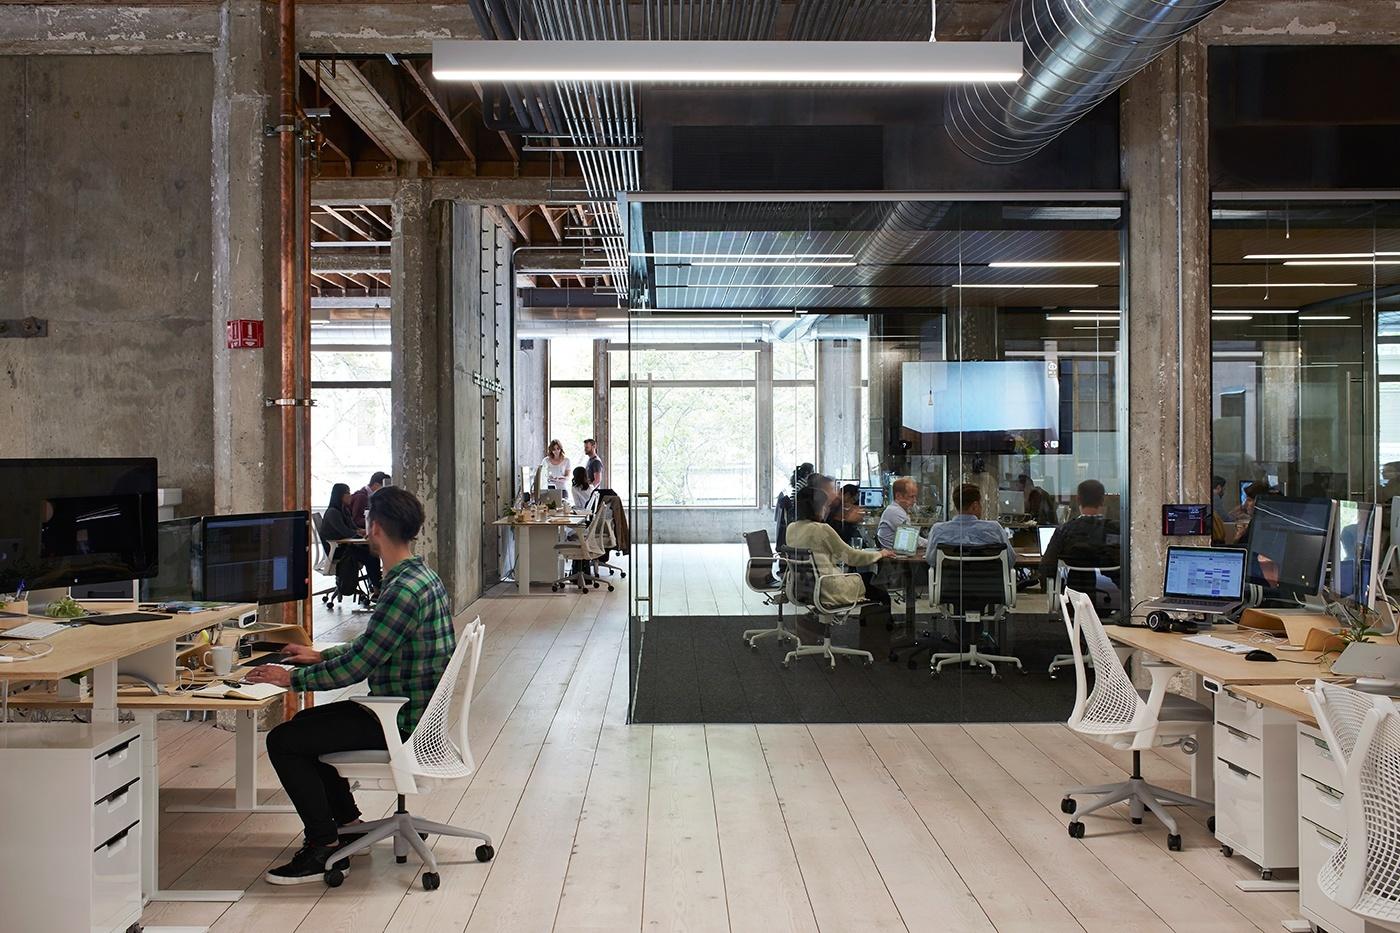 vsco-oakland-office-19